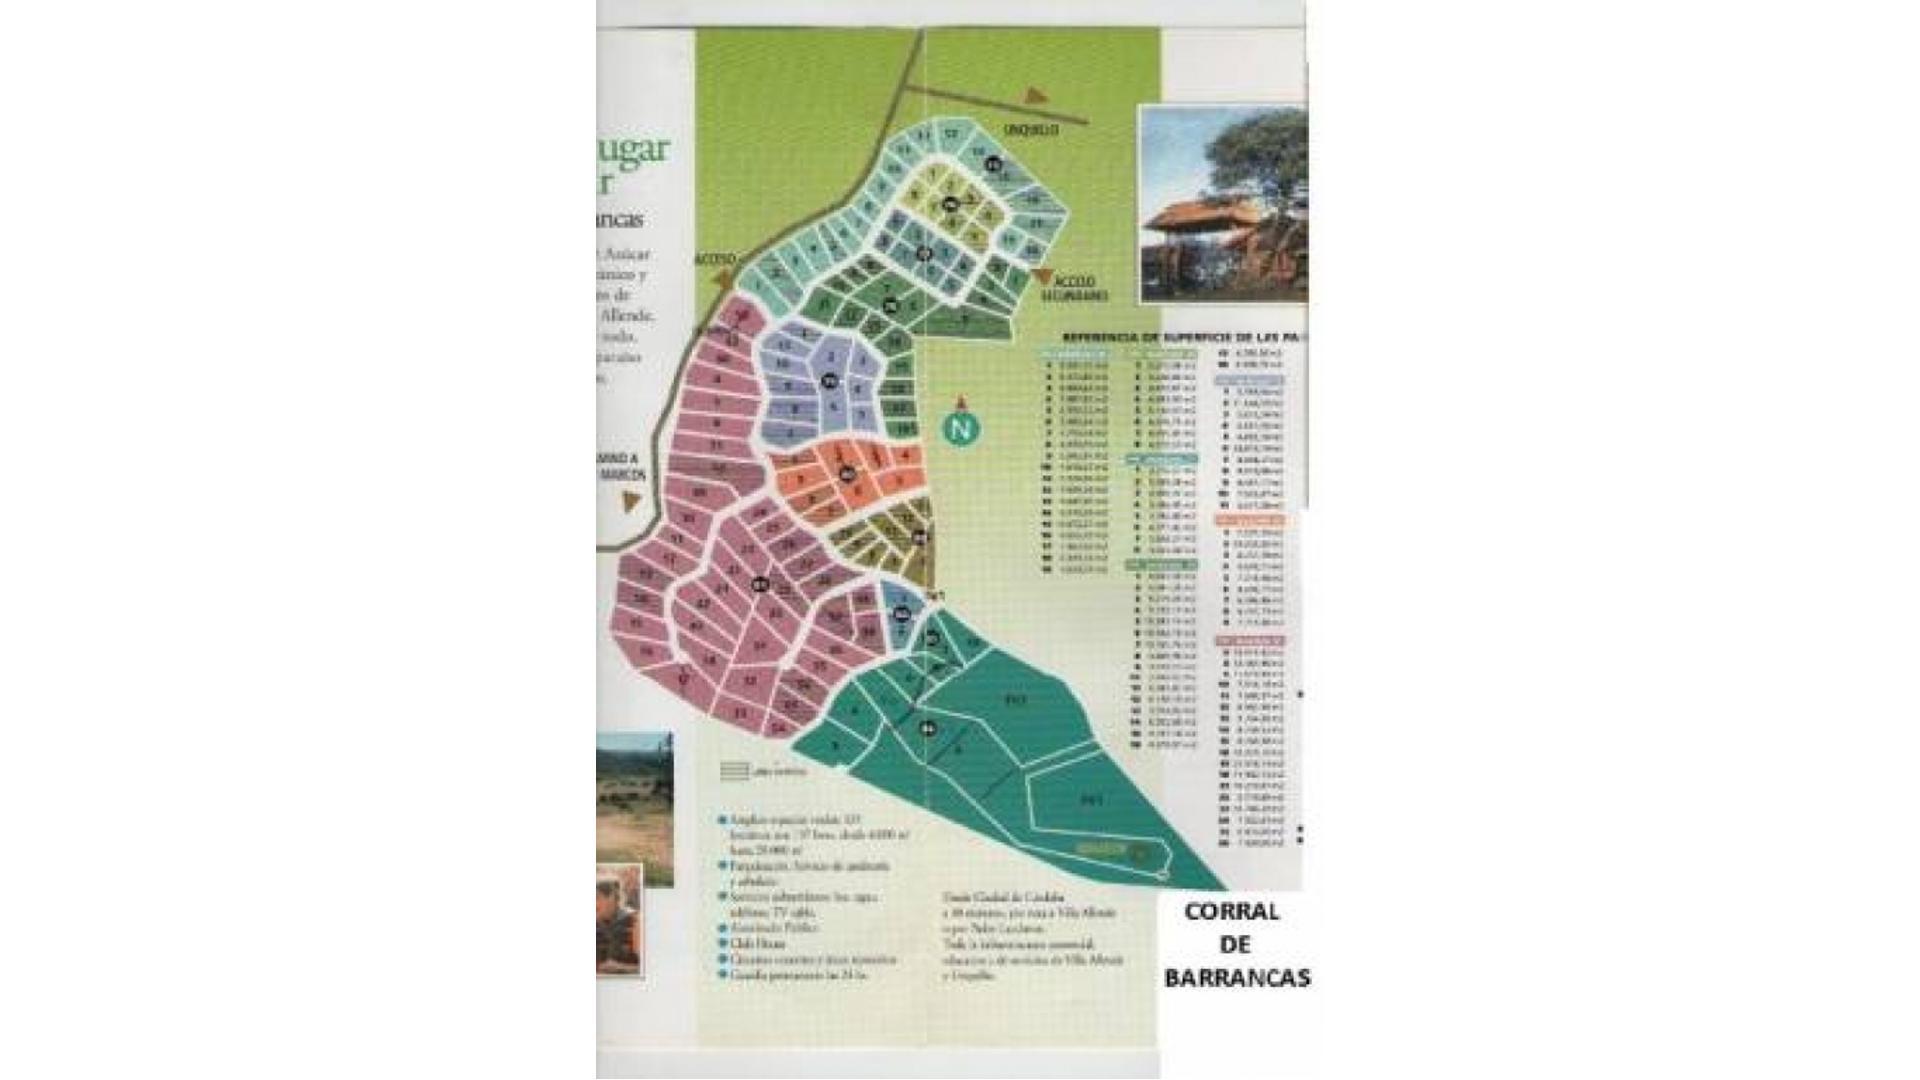 Country Corral De Barrancas A San Marcos Km. 1 1/2 100 - U$D 40.000 - Terreno en Venta